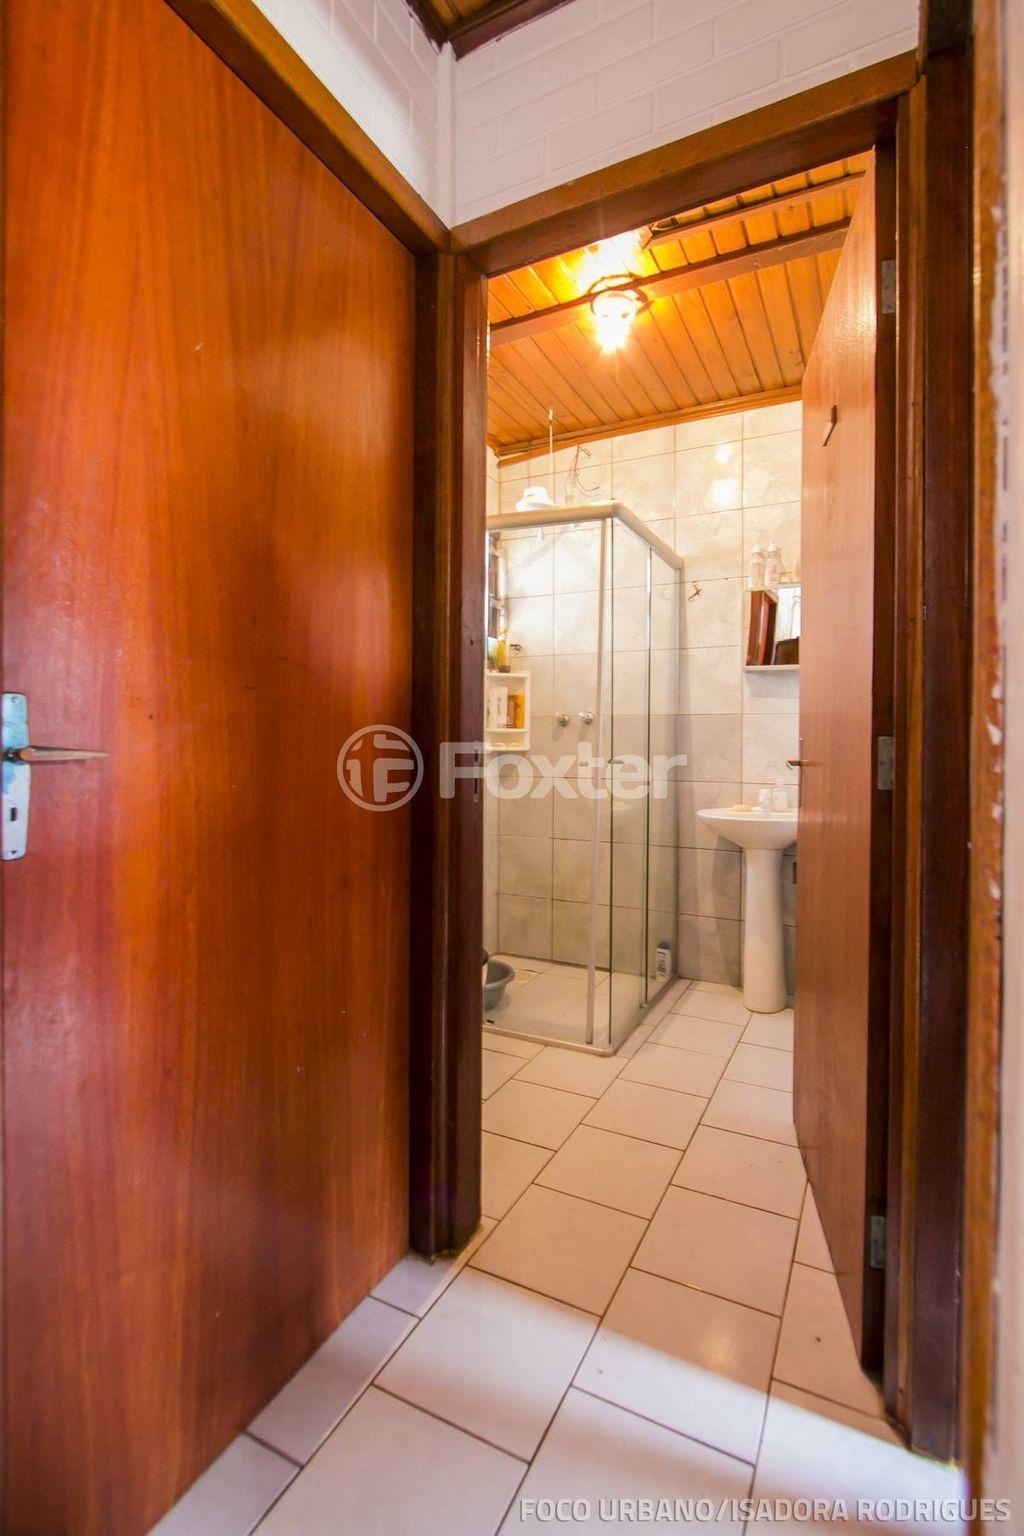 Foxter Imobiliária - Casa 2 Dorm, Rubem Berta - Foto 5